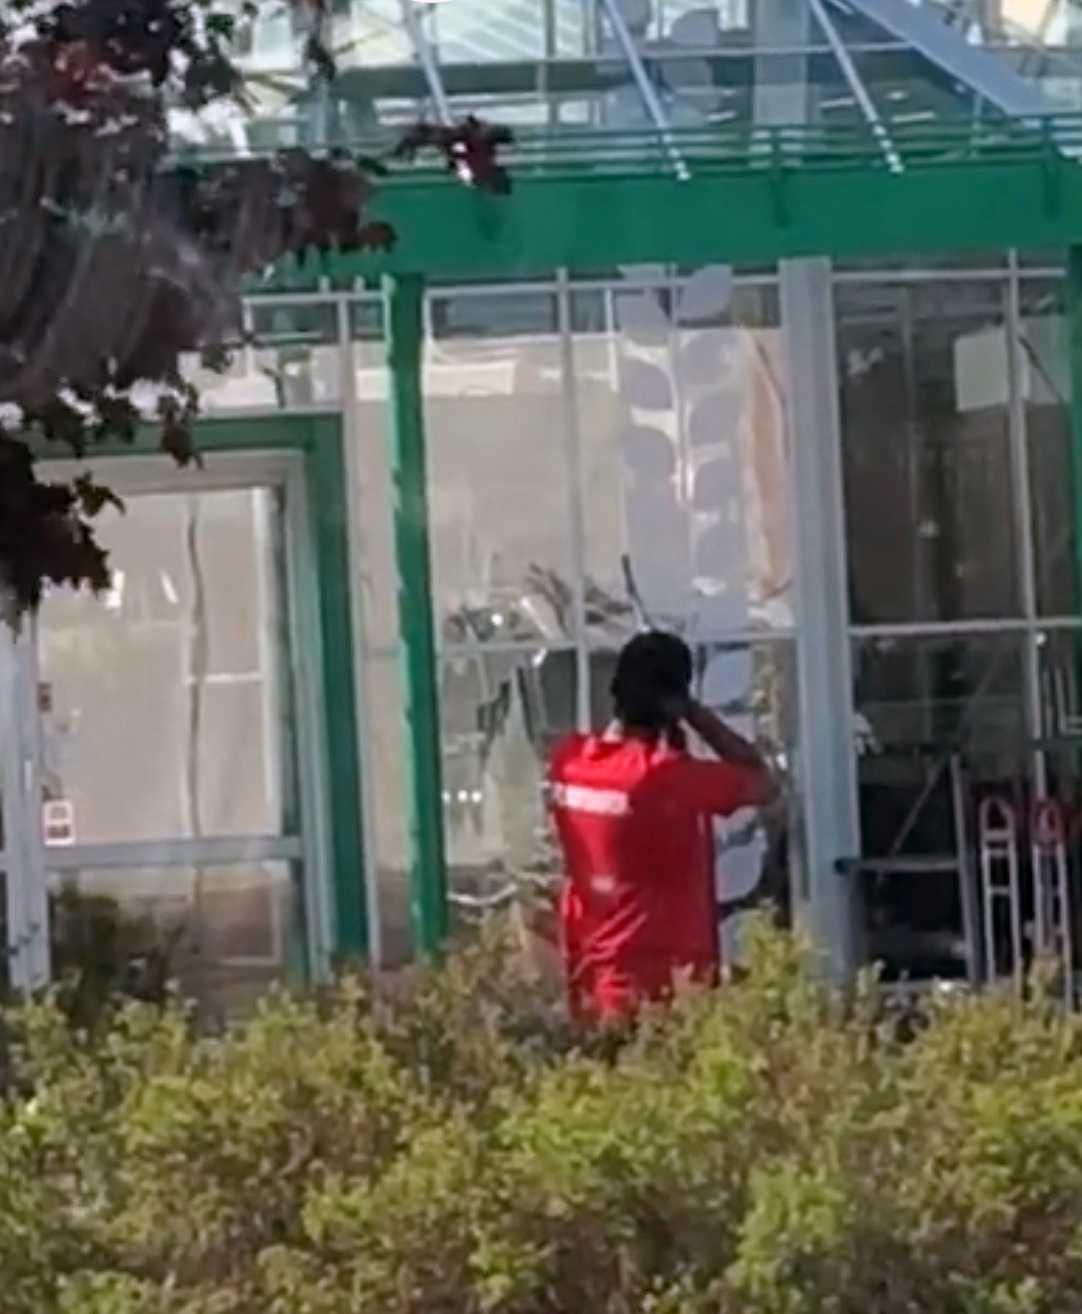 På filmen syns hur en man i en Plantagentröja riktar ett vapen mot butikens tak.